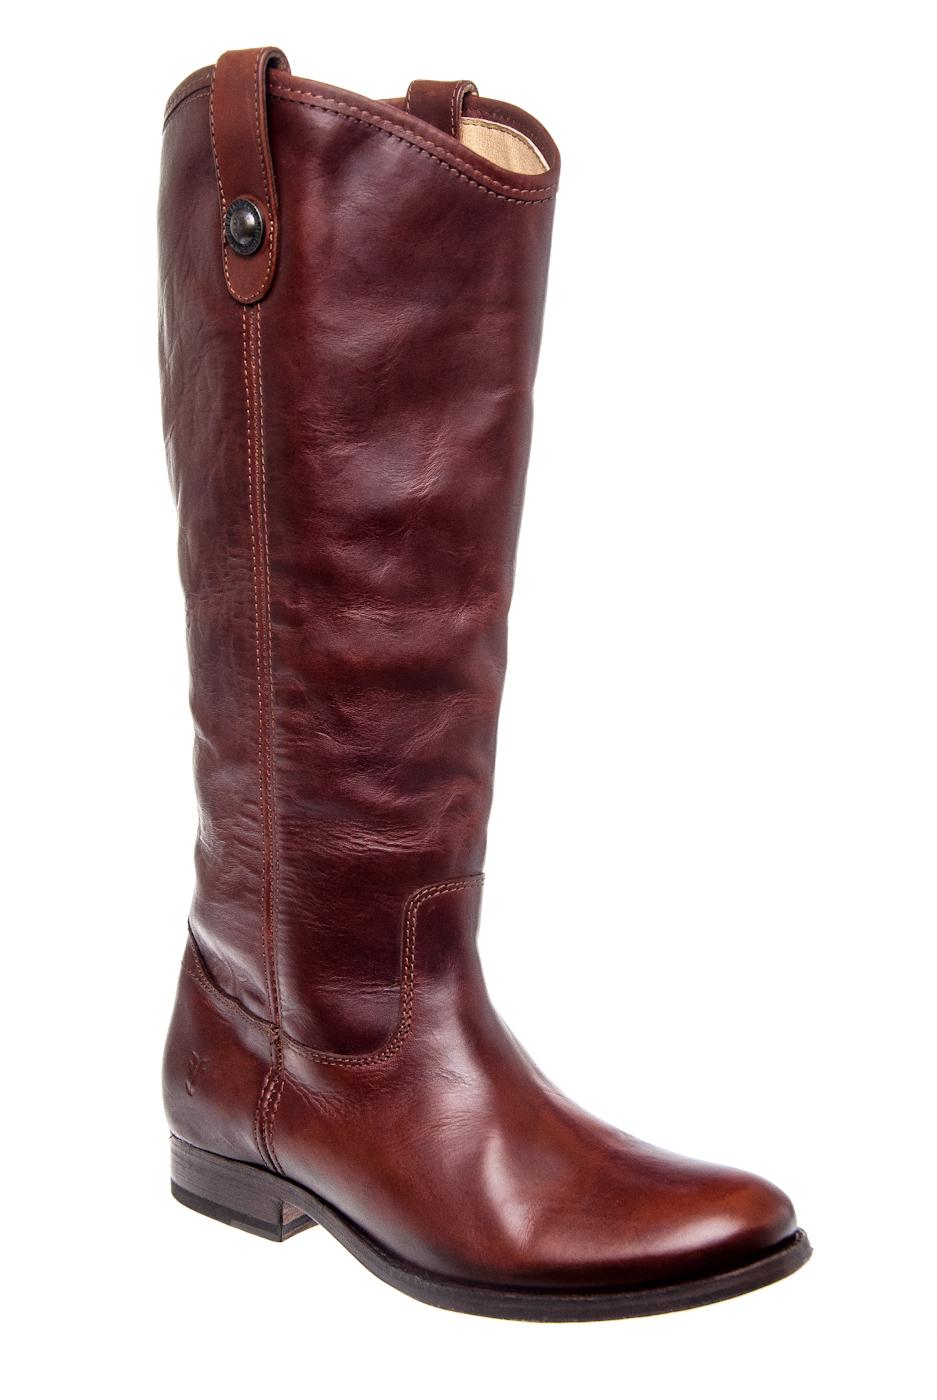 Frye Melissa Button Riding Boots - Cognac